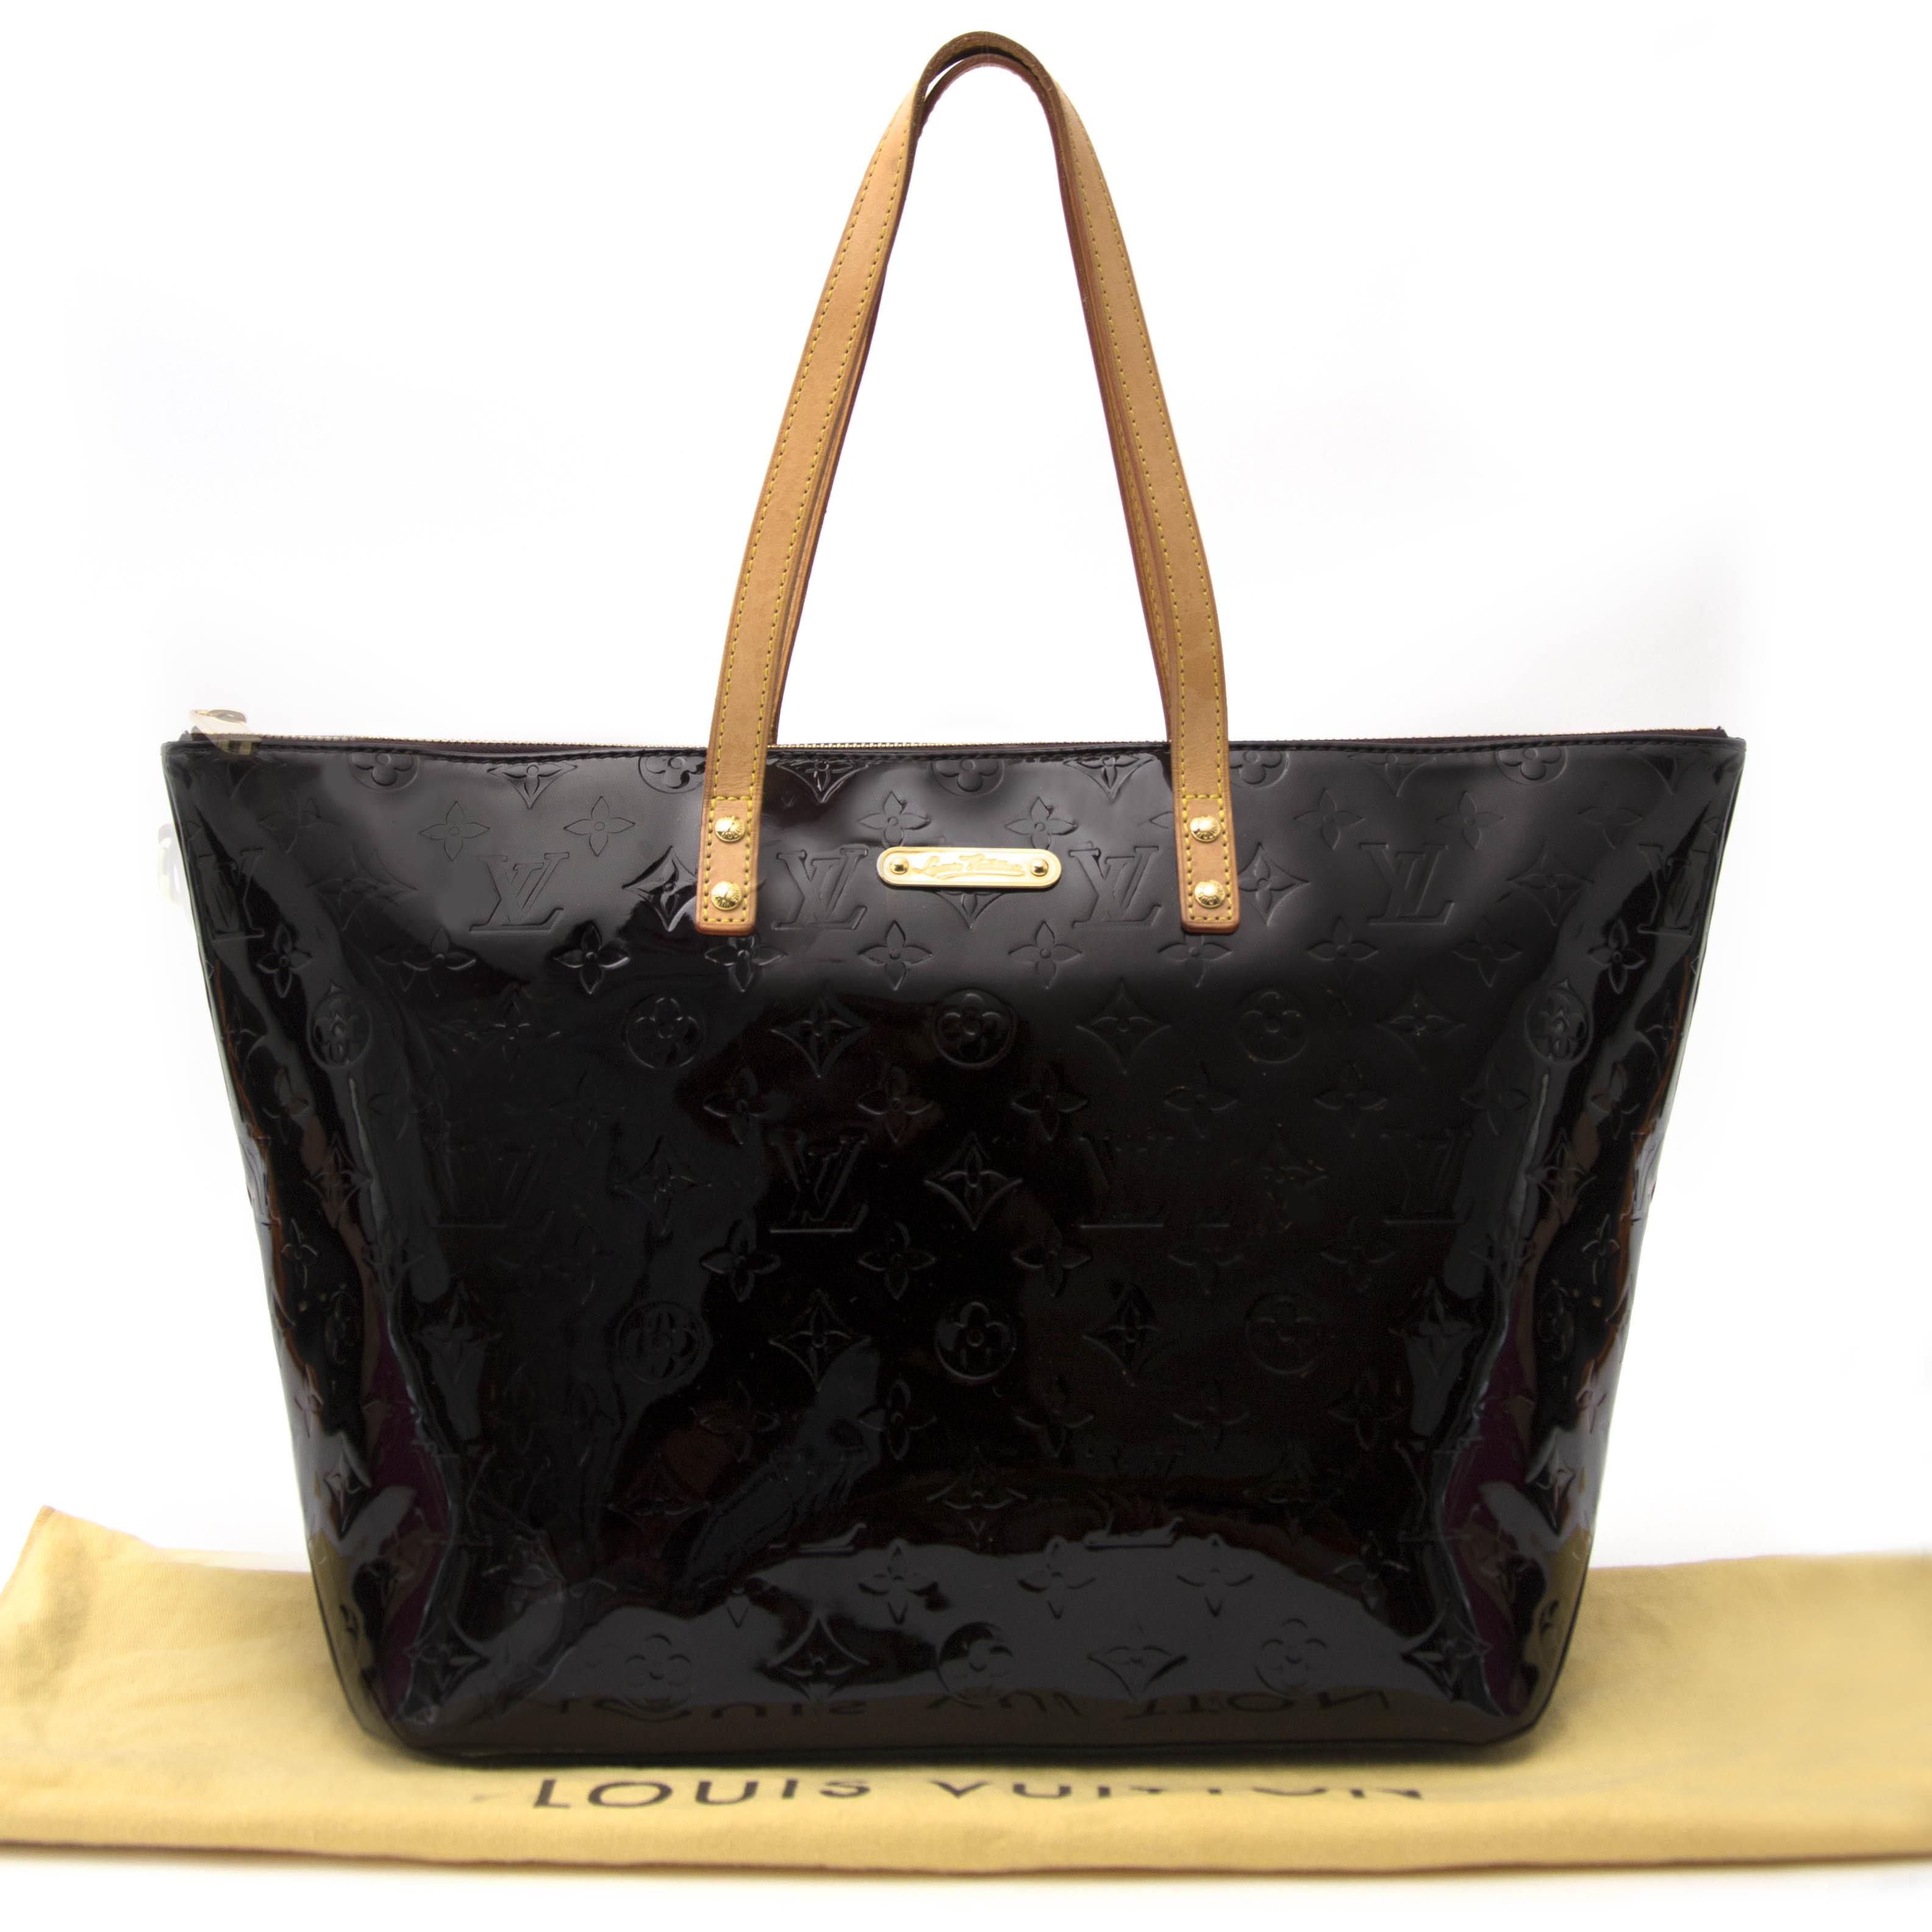 Louis Vuitton Amarante Monogram Vernis Bellevue GM Bag  online aan de beste prijs